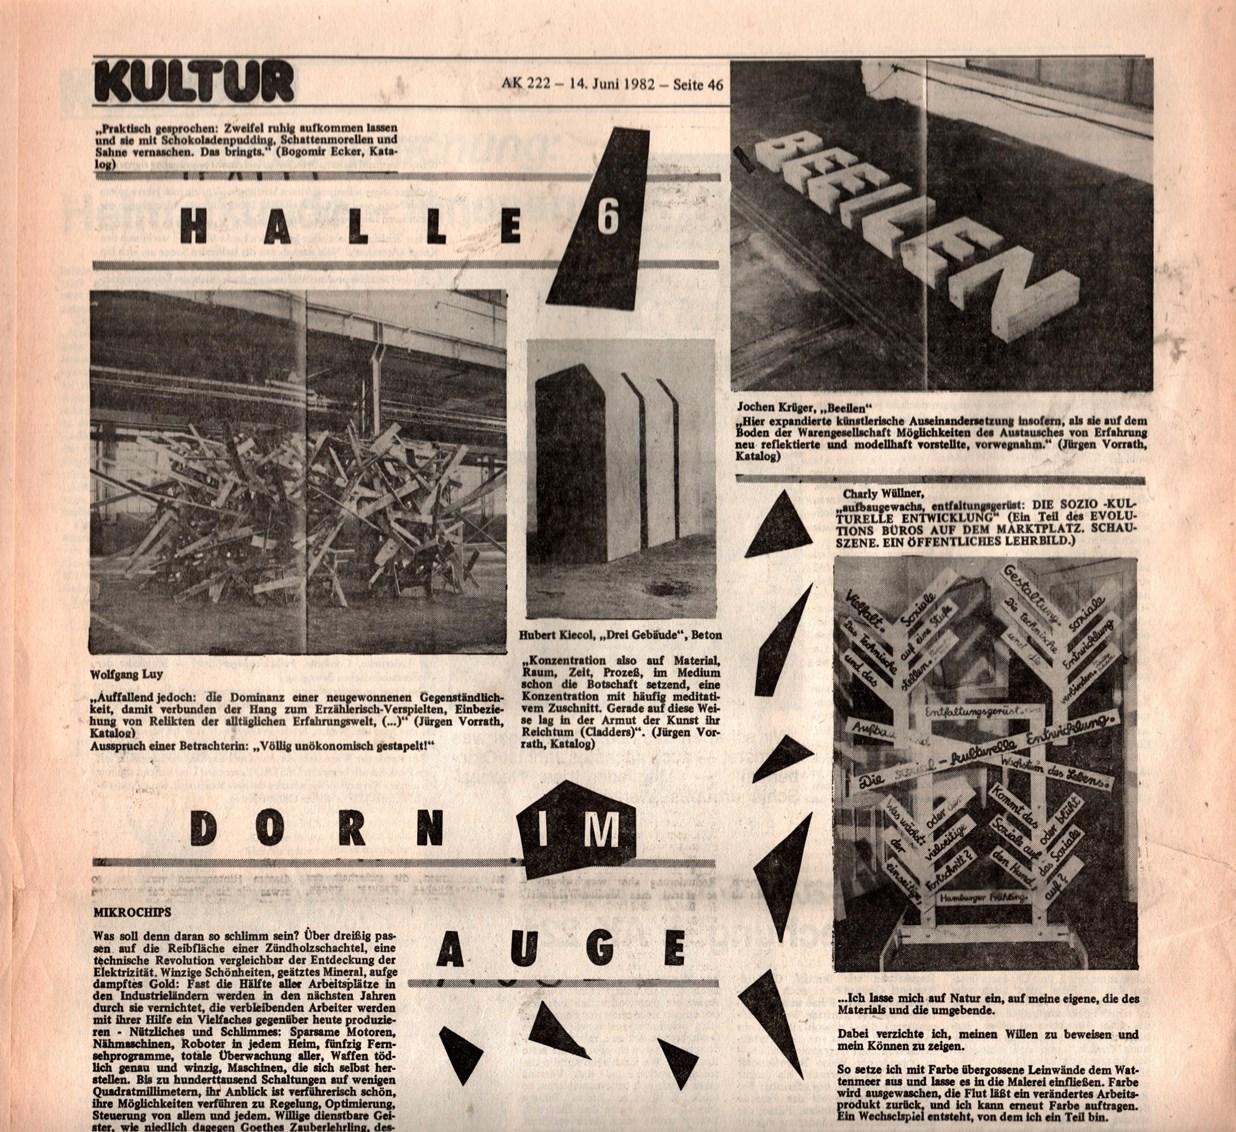 KB_AK_1982_222_091